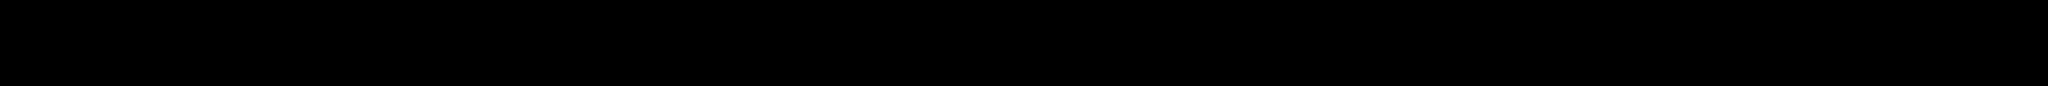 SKF VKBA 3550, VKBA 3568, VKBA 3569, VKBA 3646, VKBA 3660 Monteringsverktøysett, hjulnav / hjullager